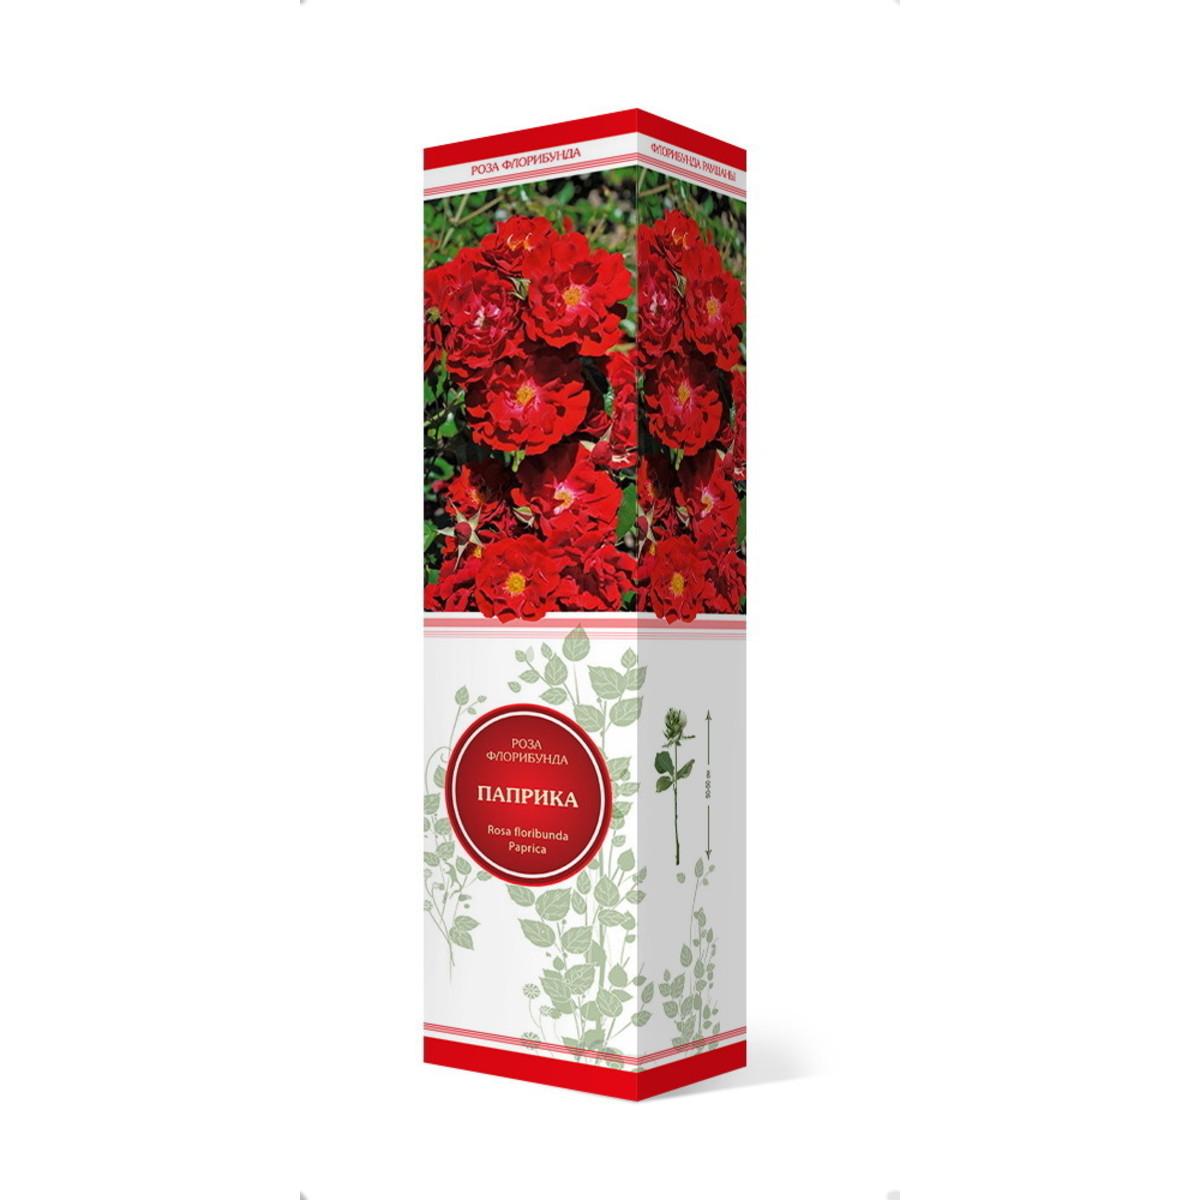 Розы флорибунда Паприка